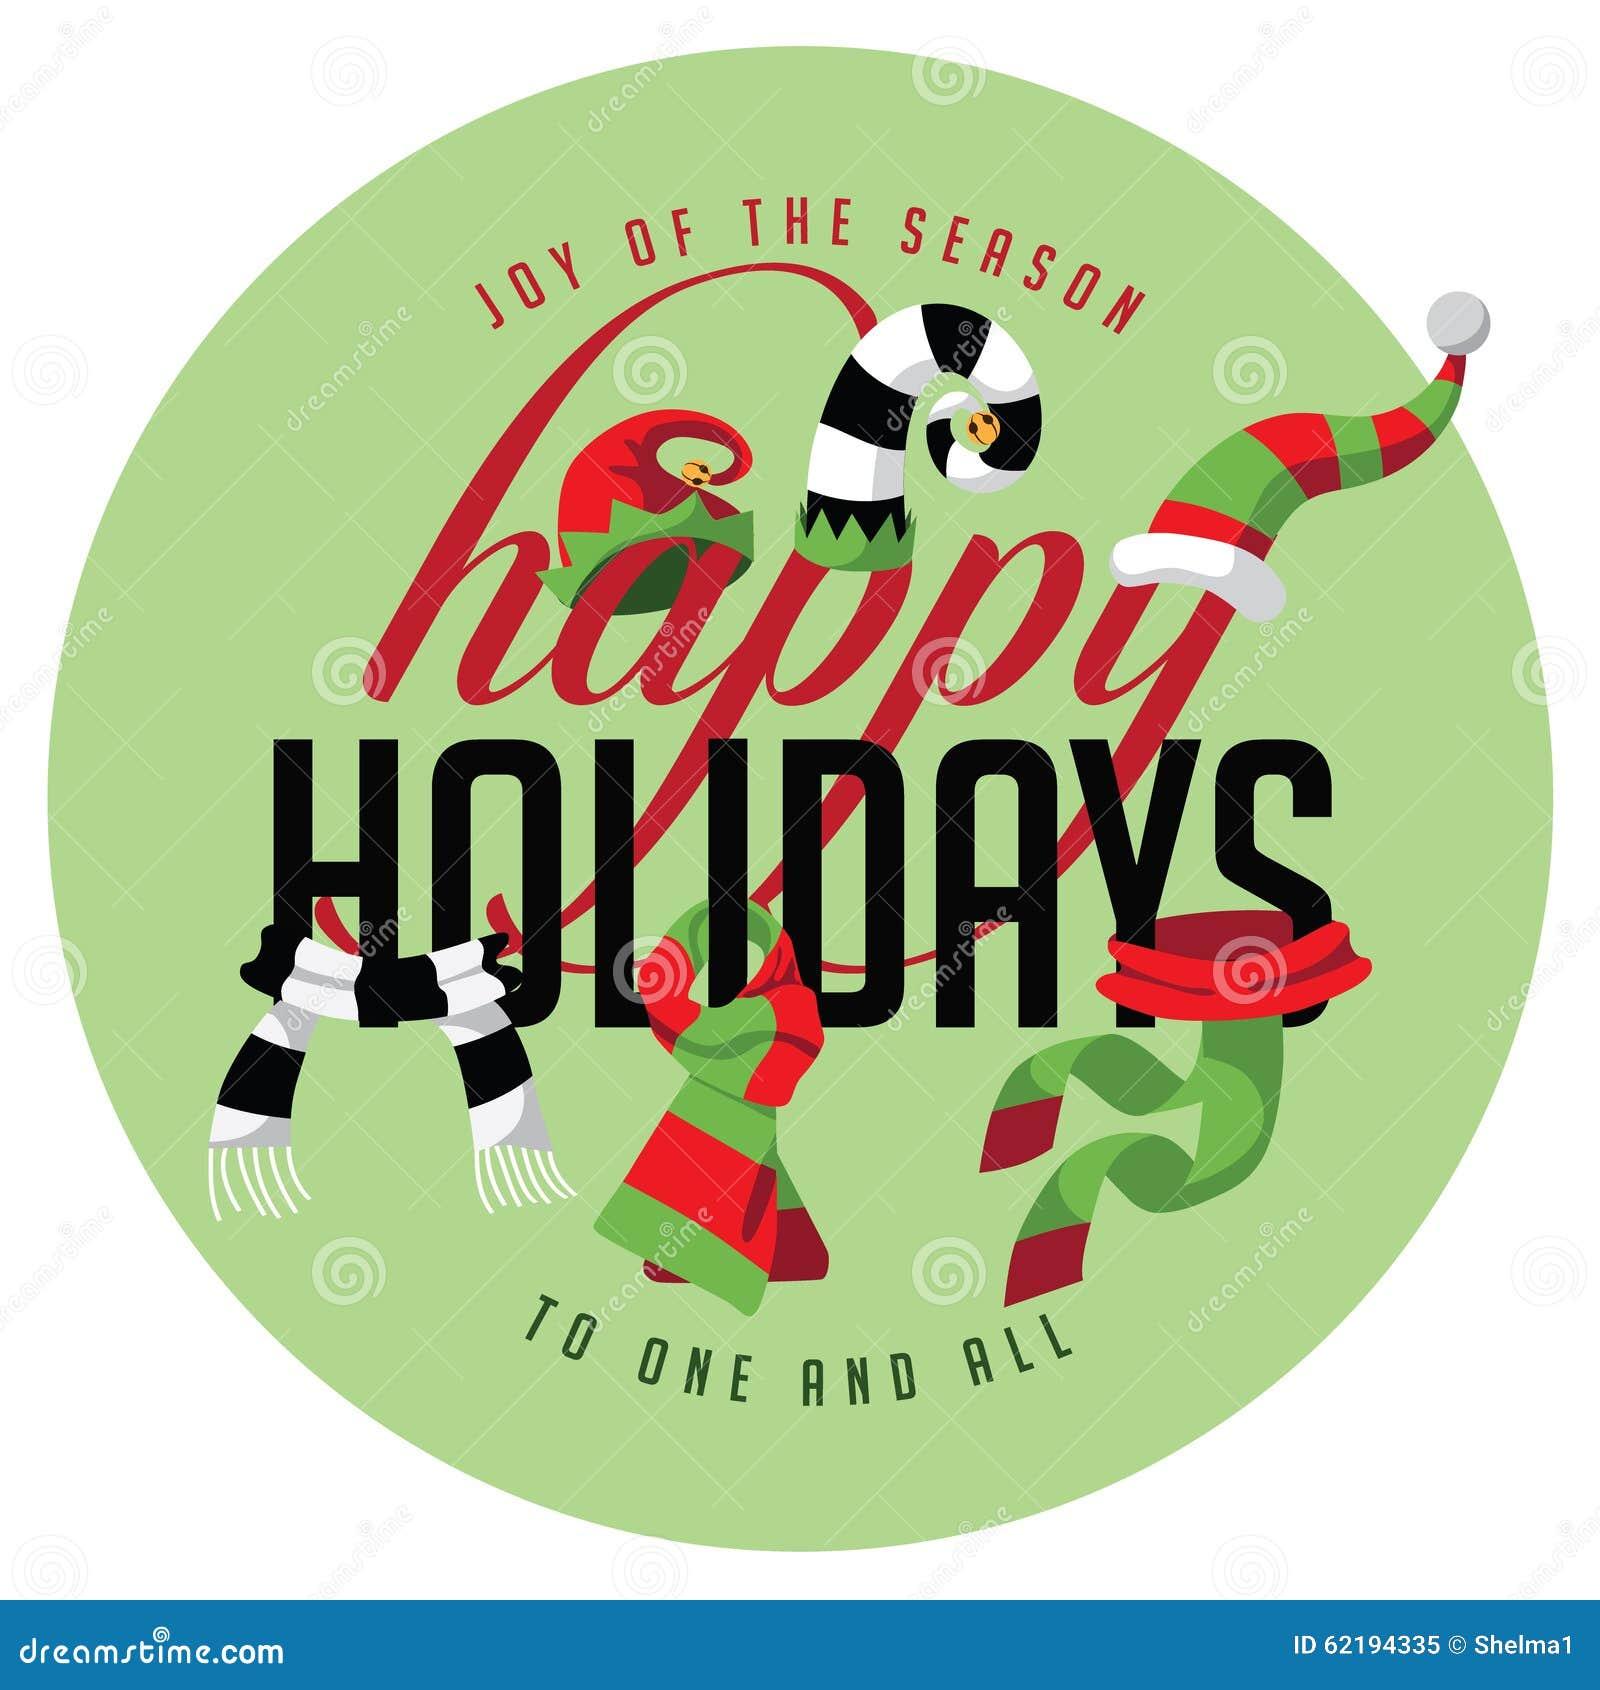 Bonnes fêtes joie de la saison à une et de toutes